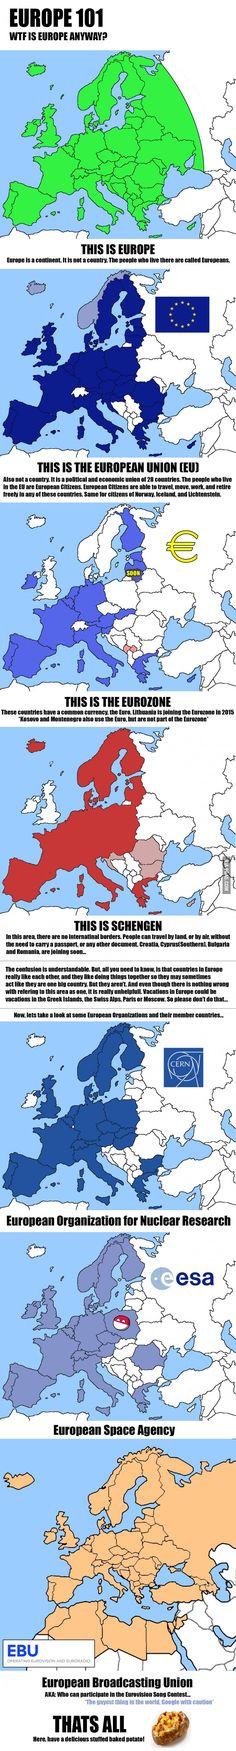 Europa, EU, Schengen, Eurozone. Deze afbeelding legt het even uit in handig formaat :)